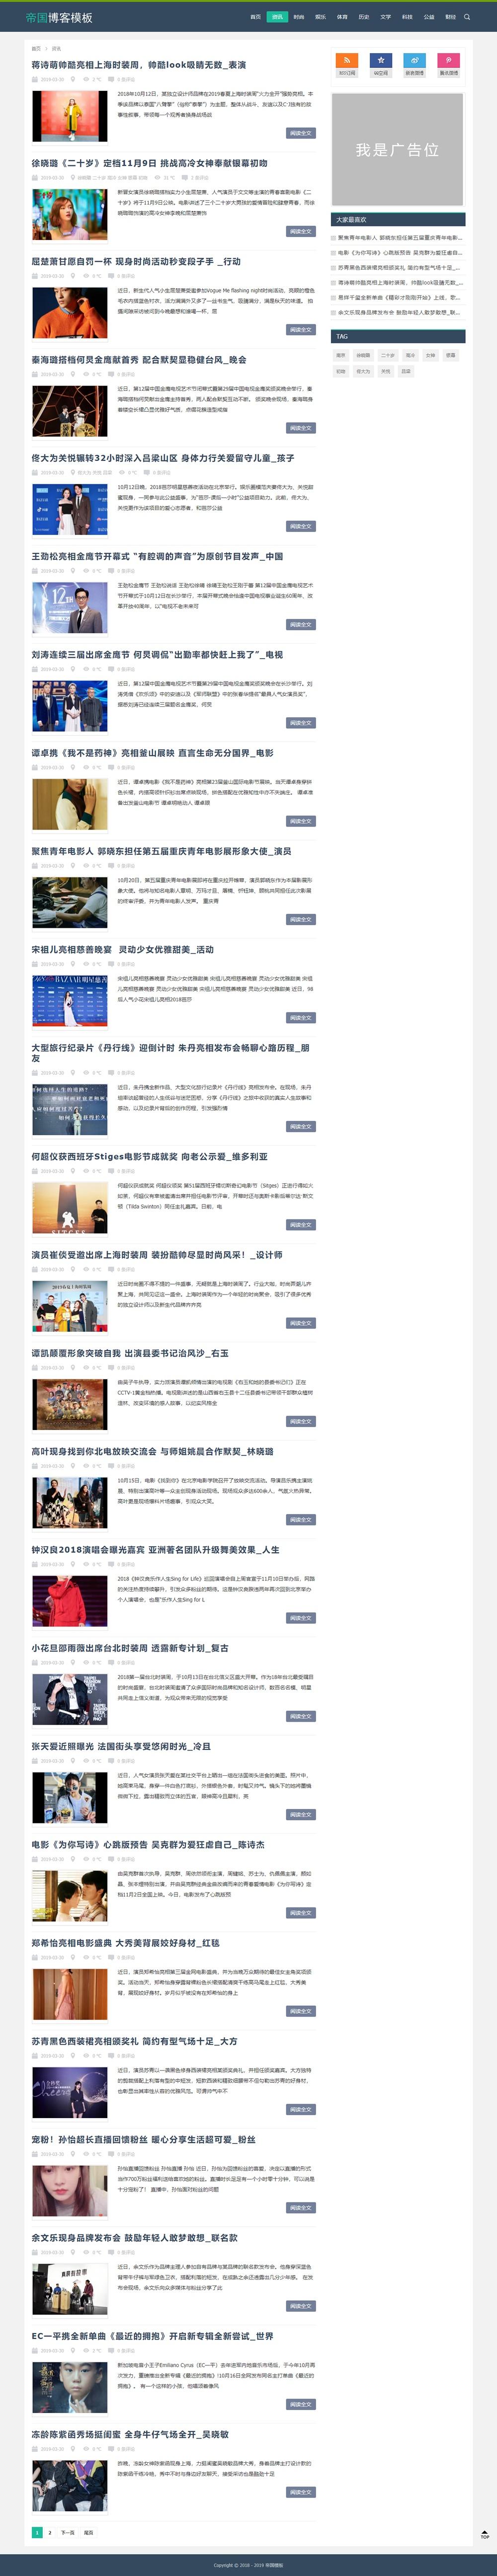 帝国cms响应式自适应手机文章资讯博客通用网站模板_列表页